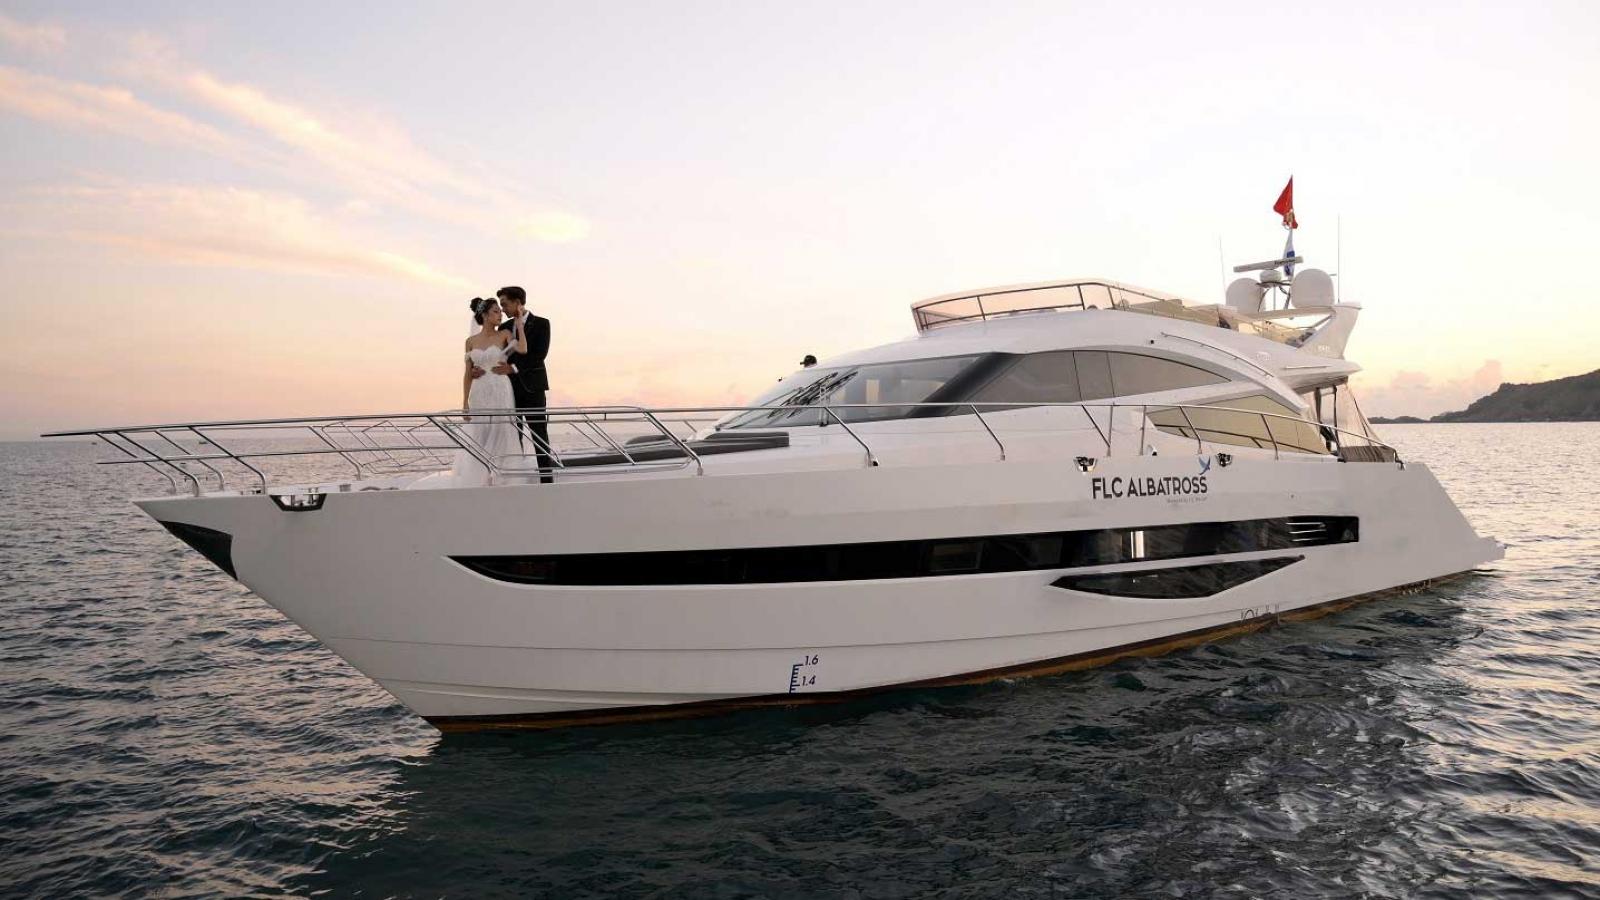 Du thuyền siêu sang FLC Albatross vừa cập bến Quy Nhơn